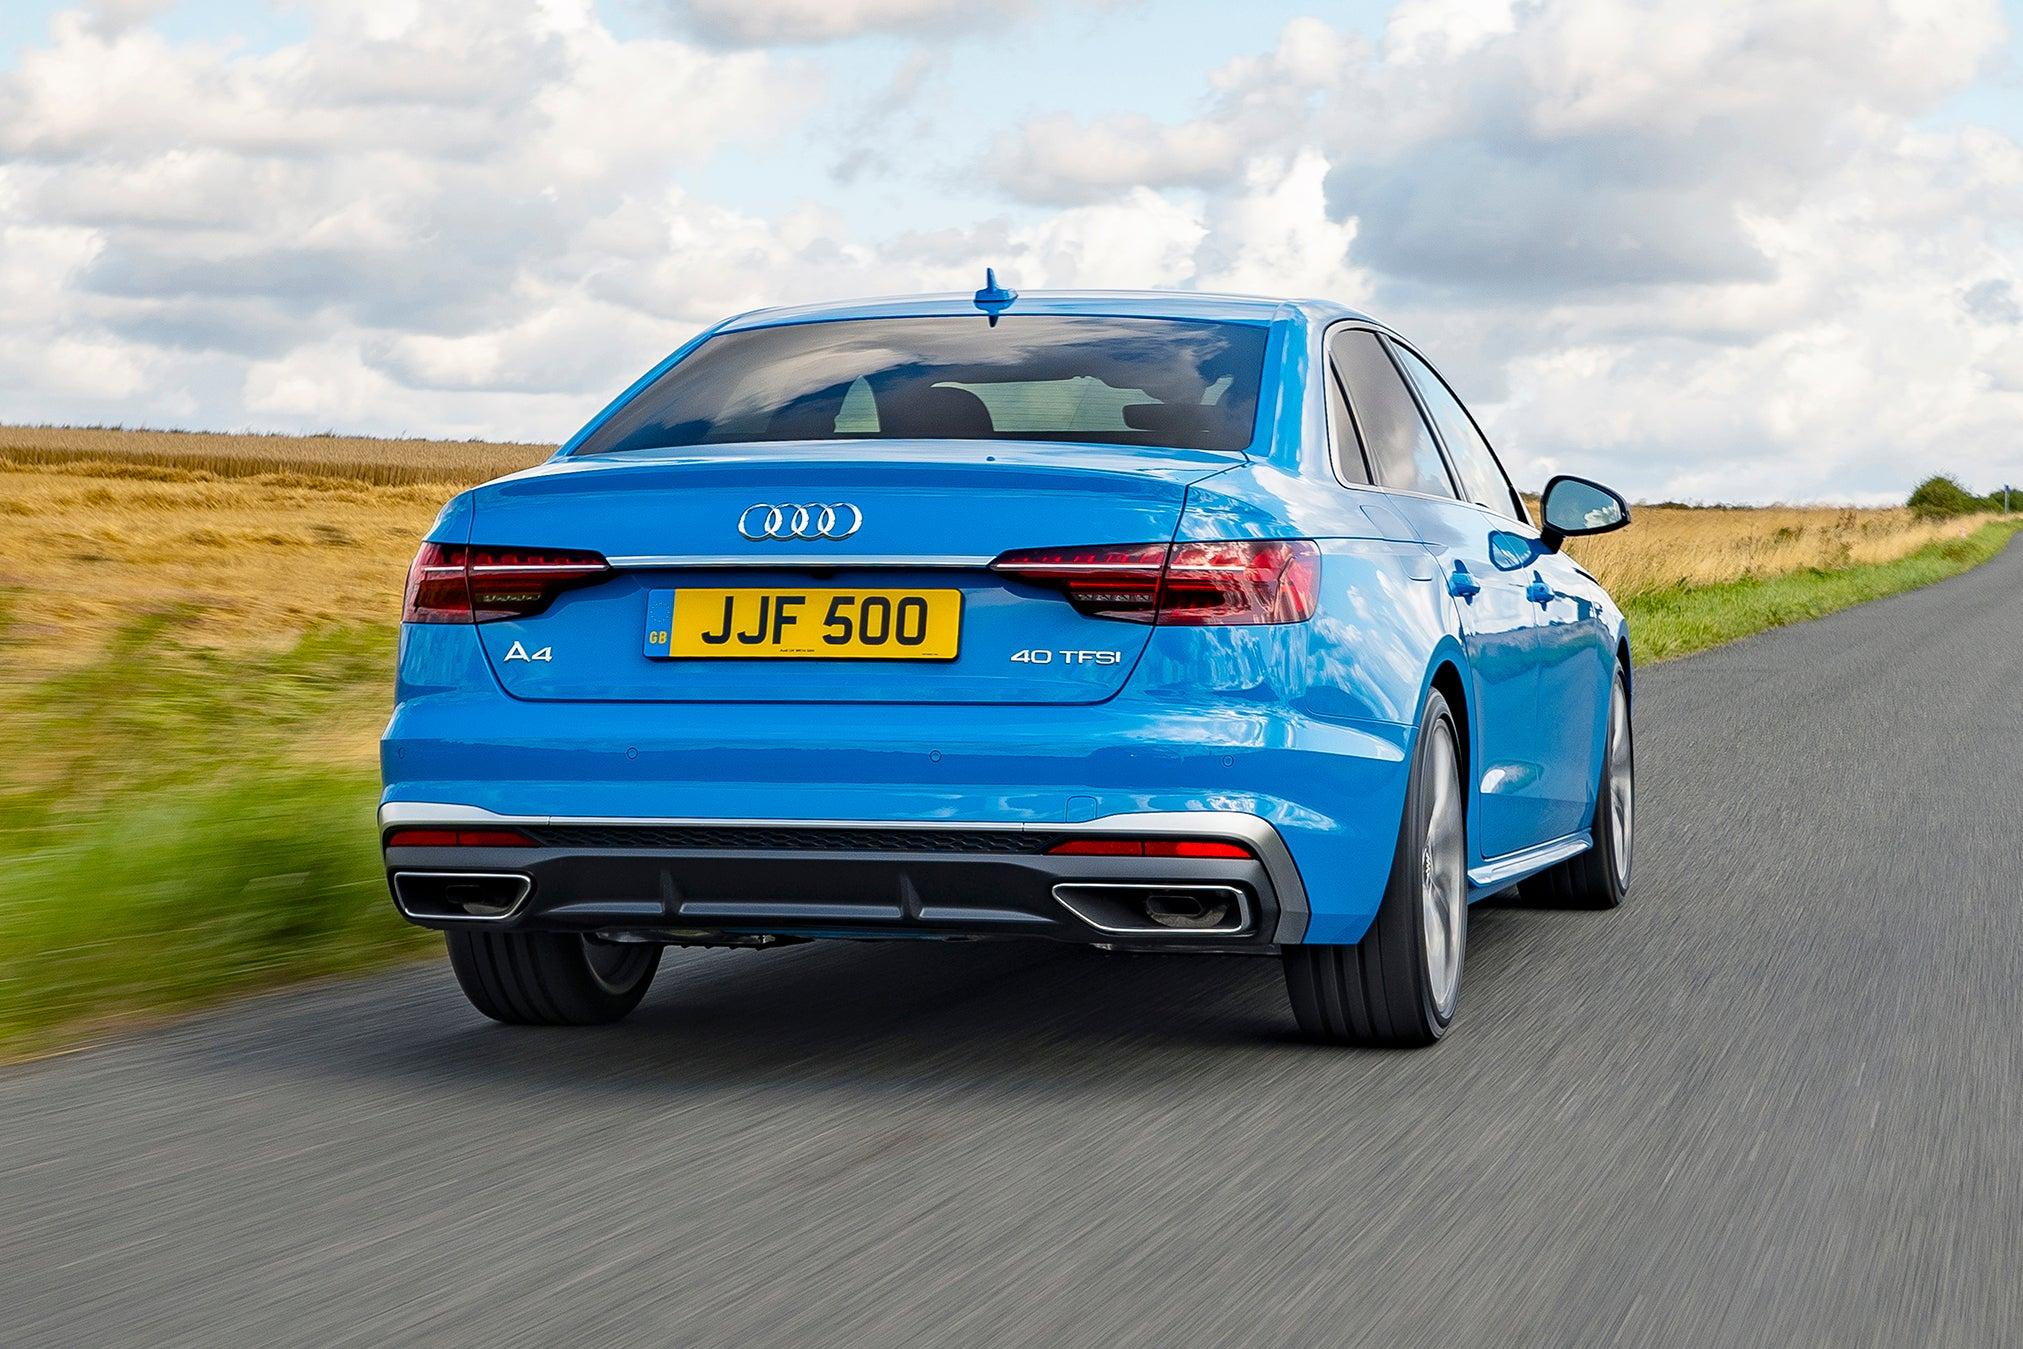 Audi A4 Driving Back